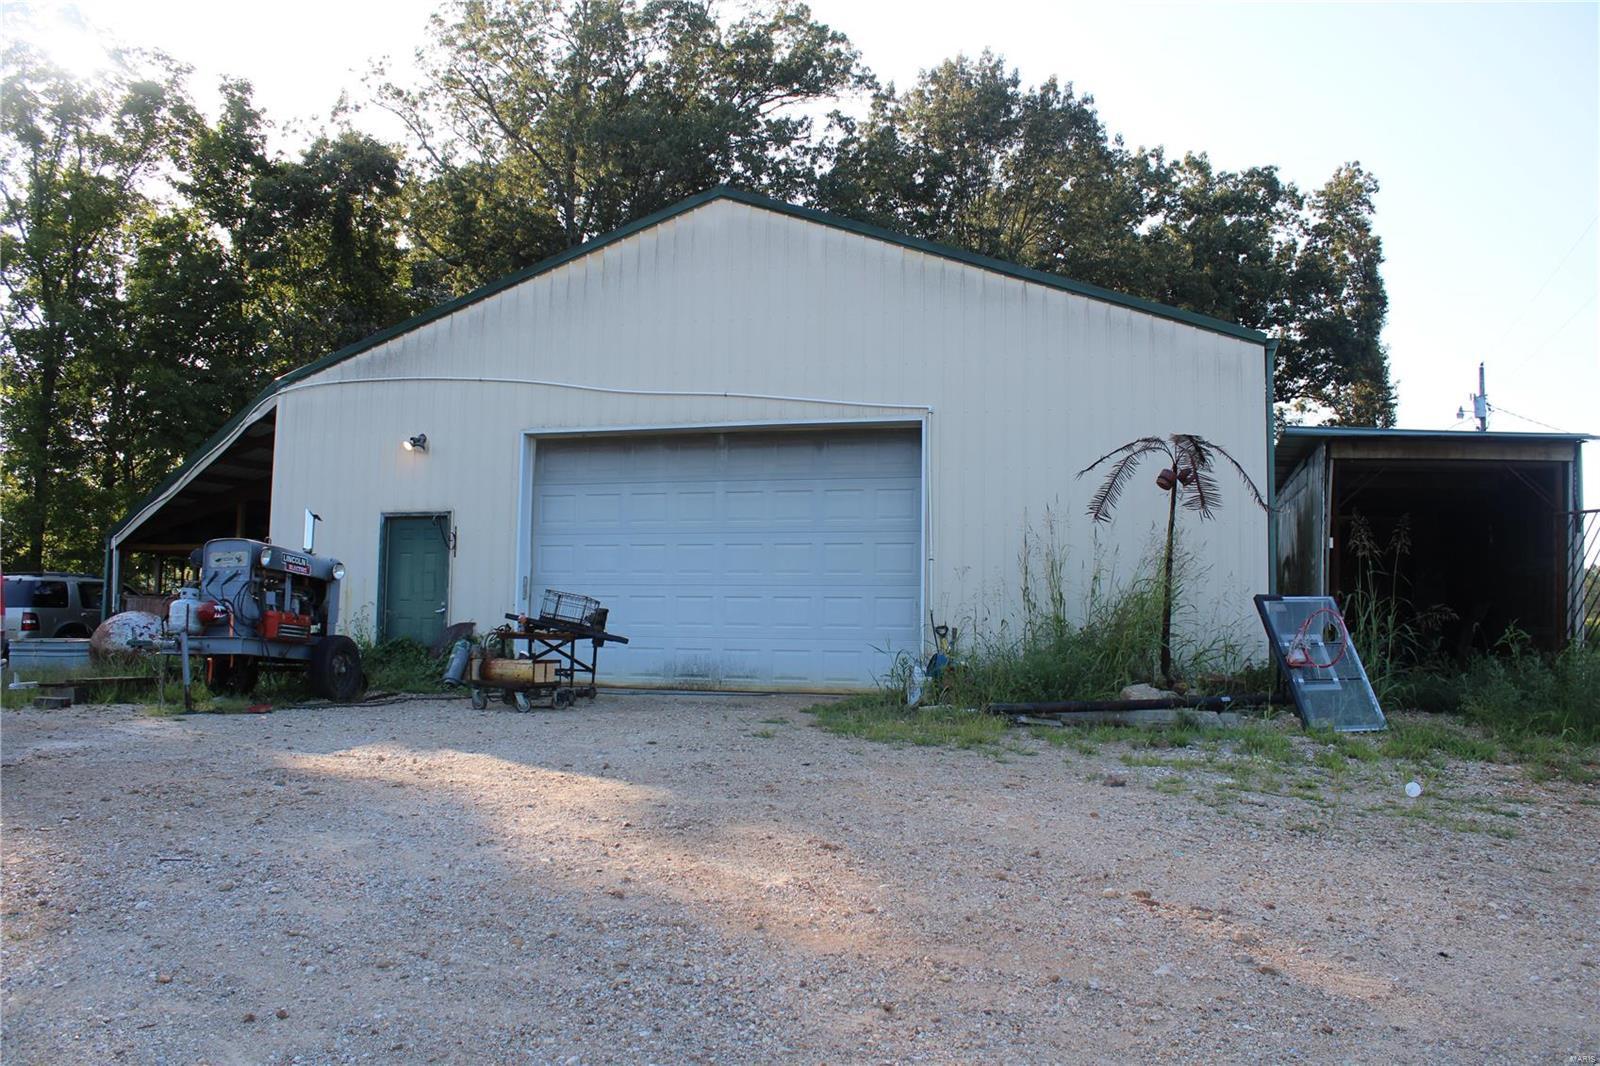 0 Hc 62 Box 8e Property Photo 1